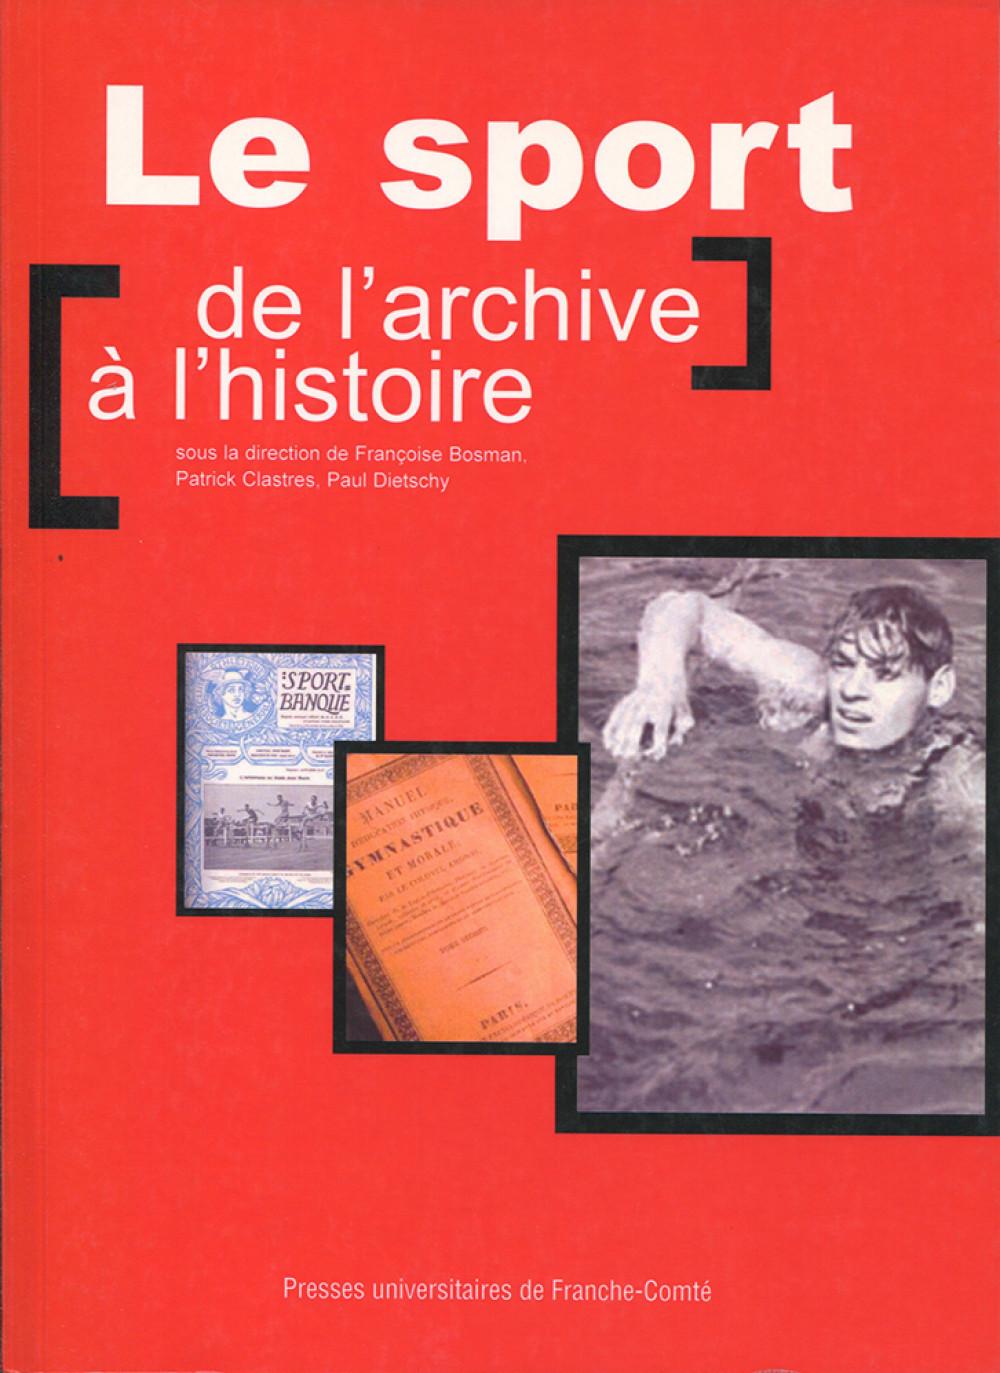 Le sport de l'archive à l'histoire